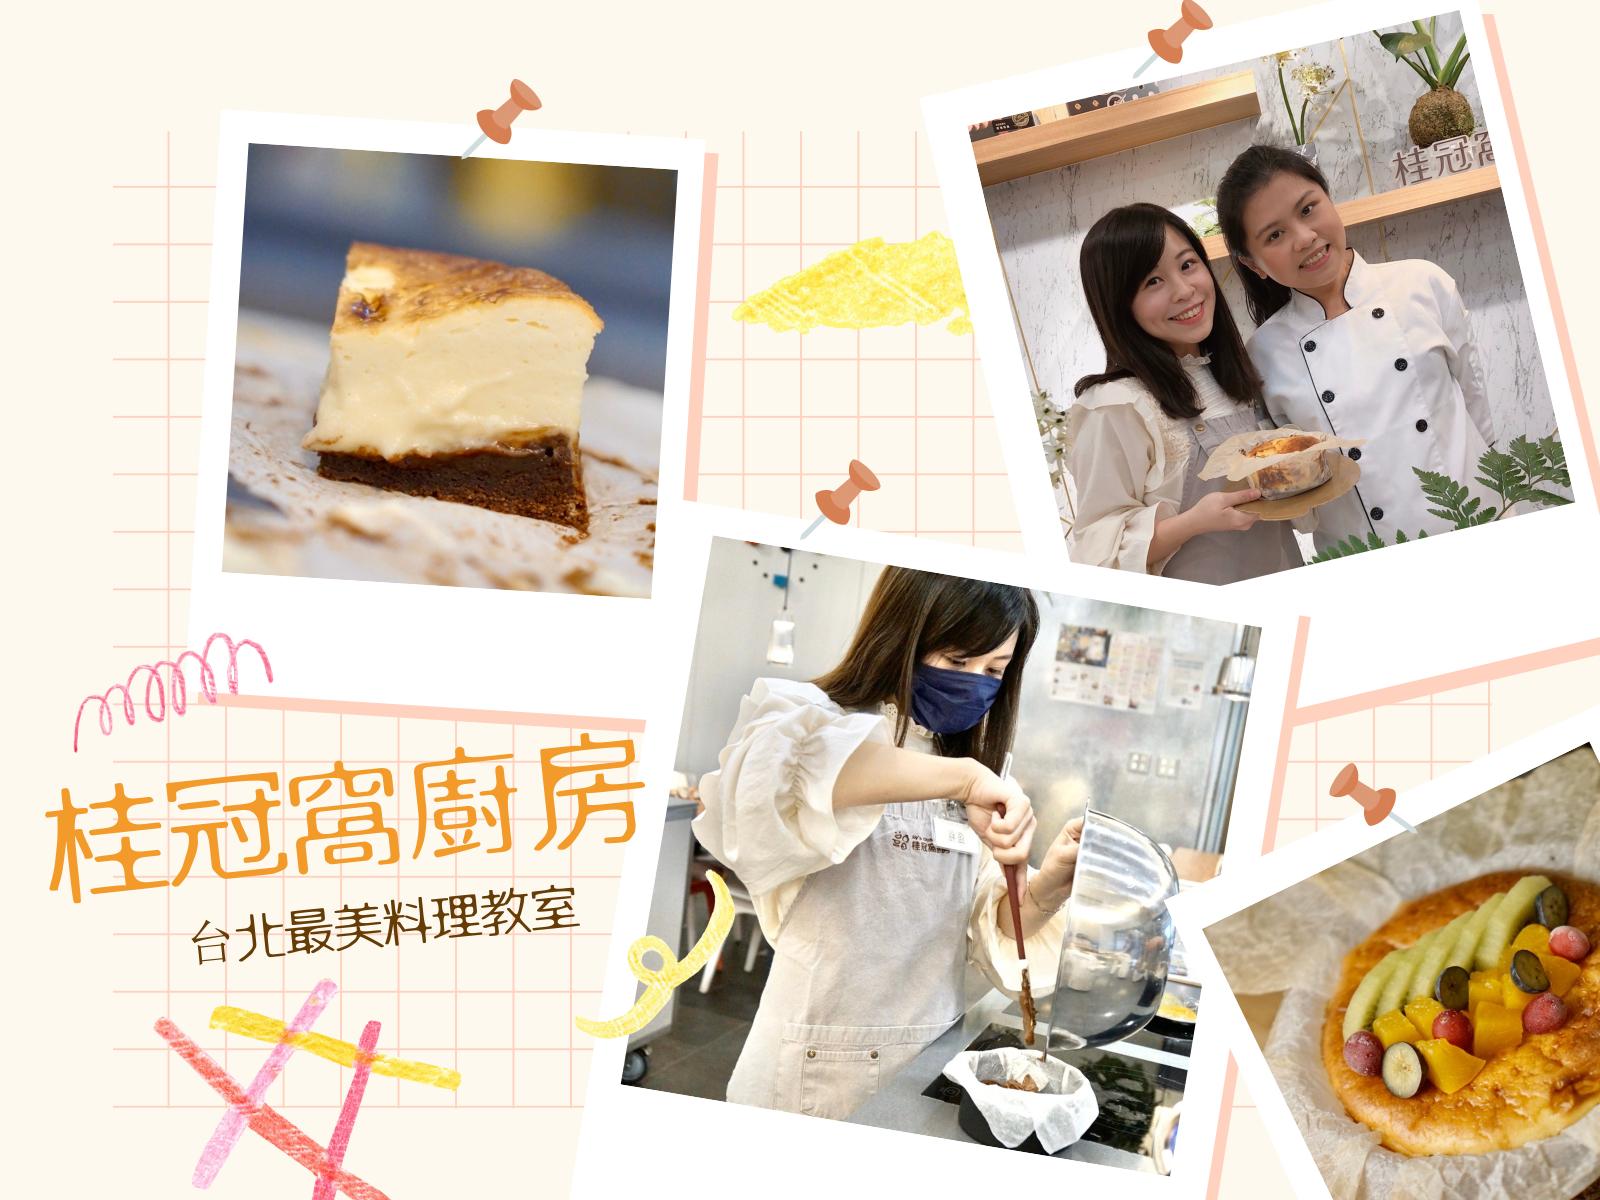 桂冠窩廚房料理教室開課囉!閨密親子一起學做菜,台北廚藝教室、親子廚房推薦,台北最美的烹飪課程教室上課心得